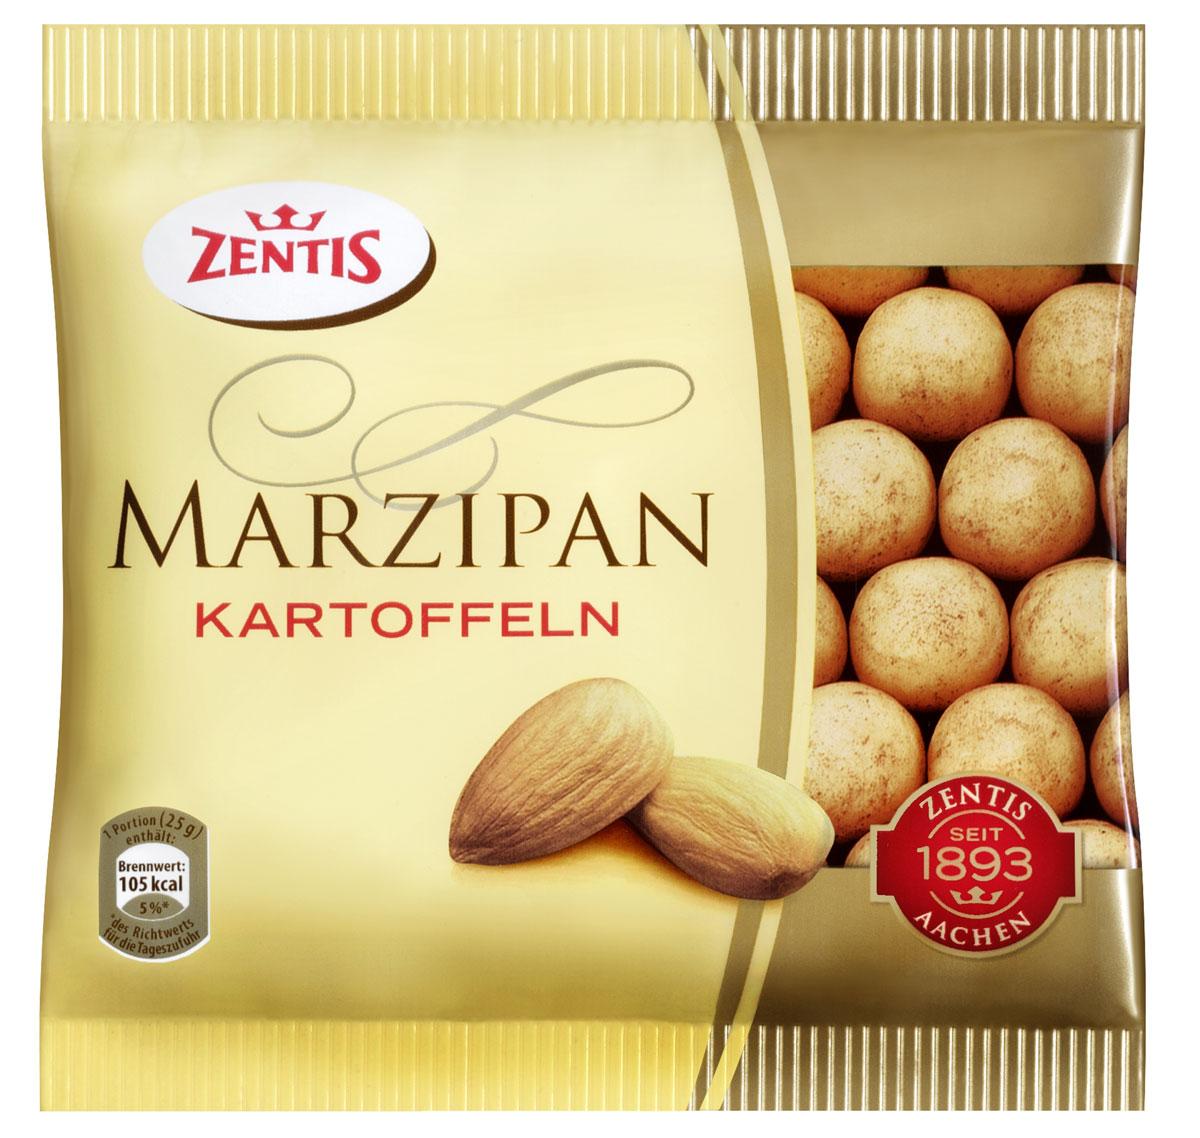 Zentis марципановая картошка, 100 г901039 ЦмZentis - это классический нежный марципан в темном какао.